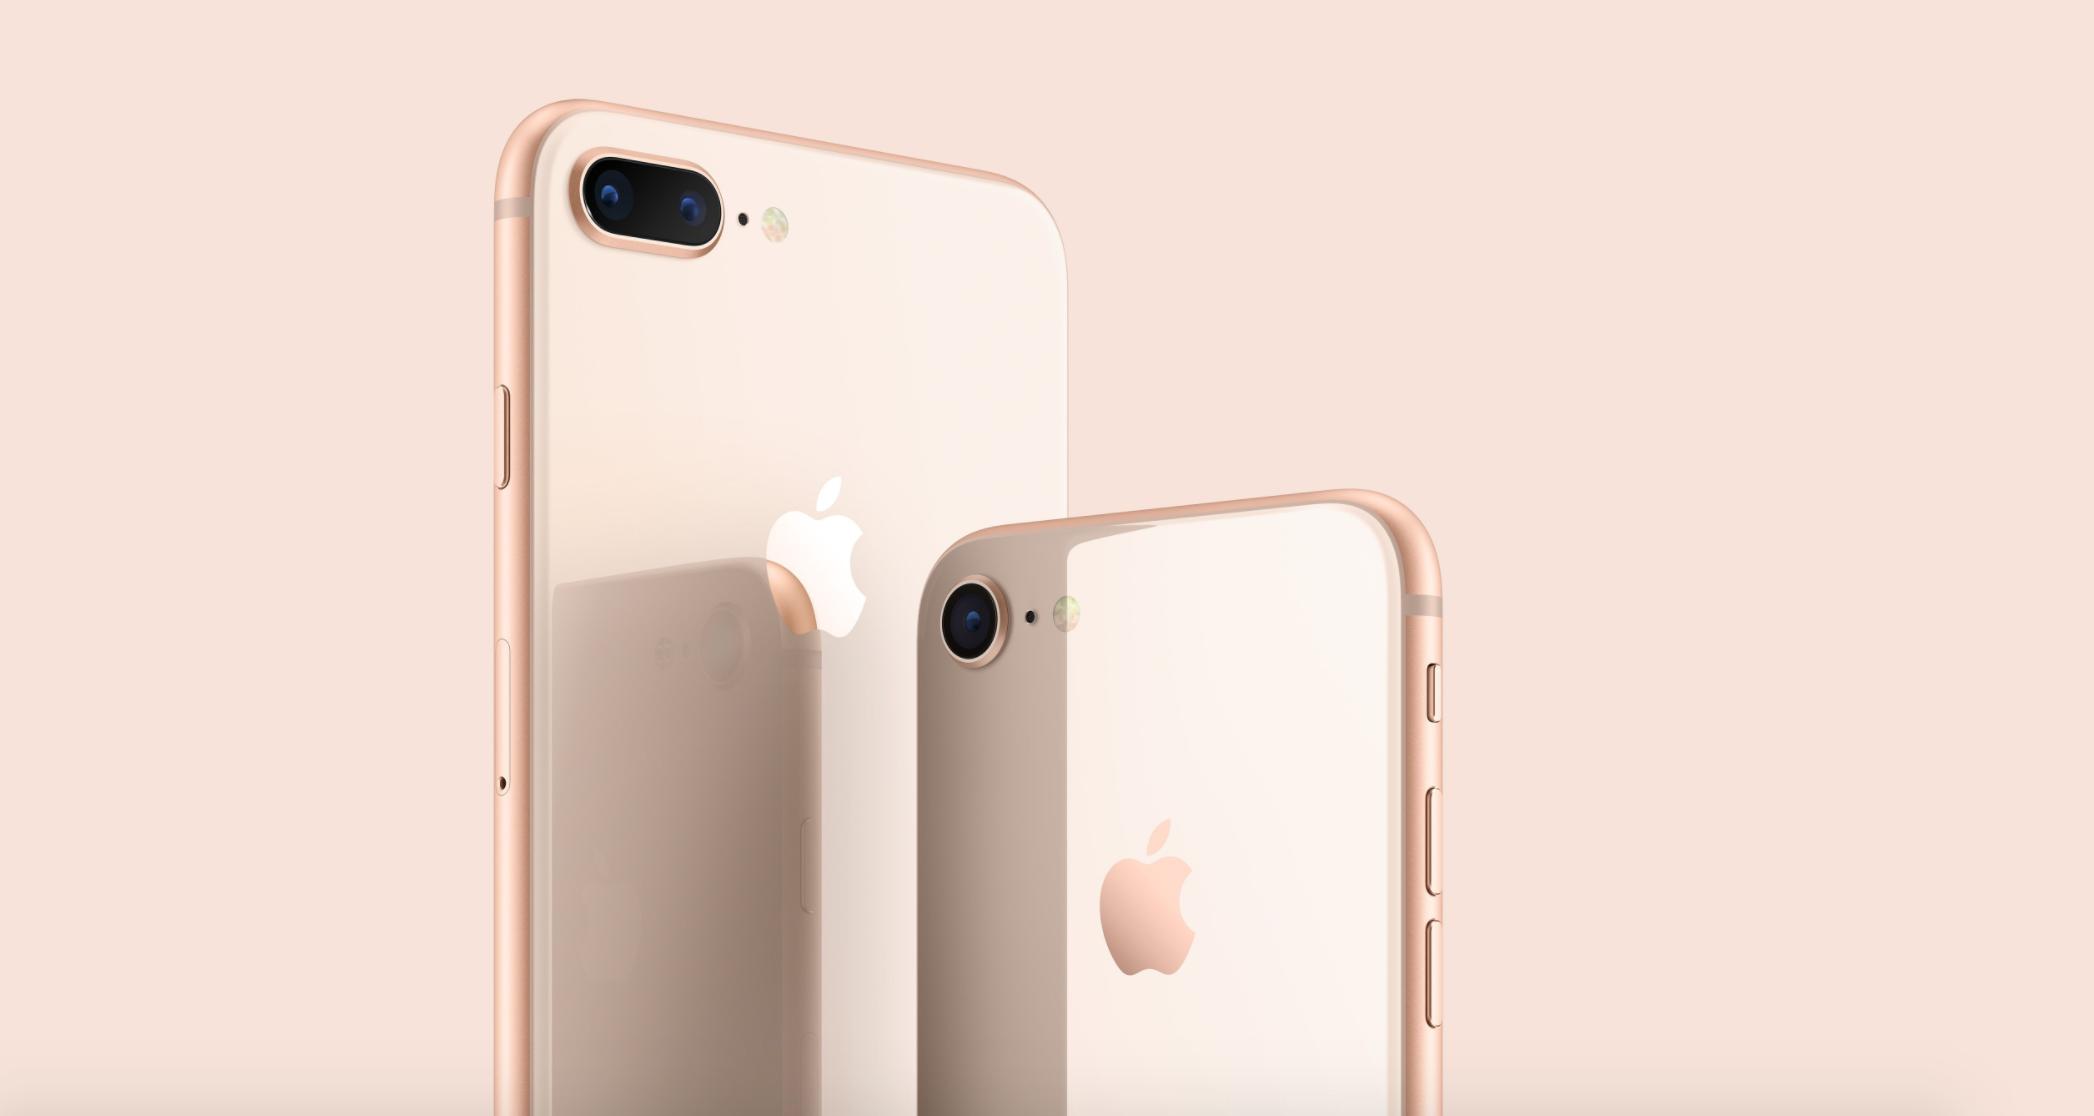 Welke iphone kopen 7 of 8